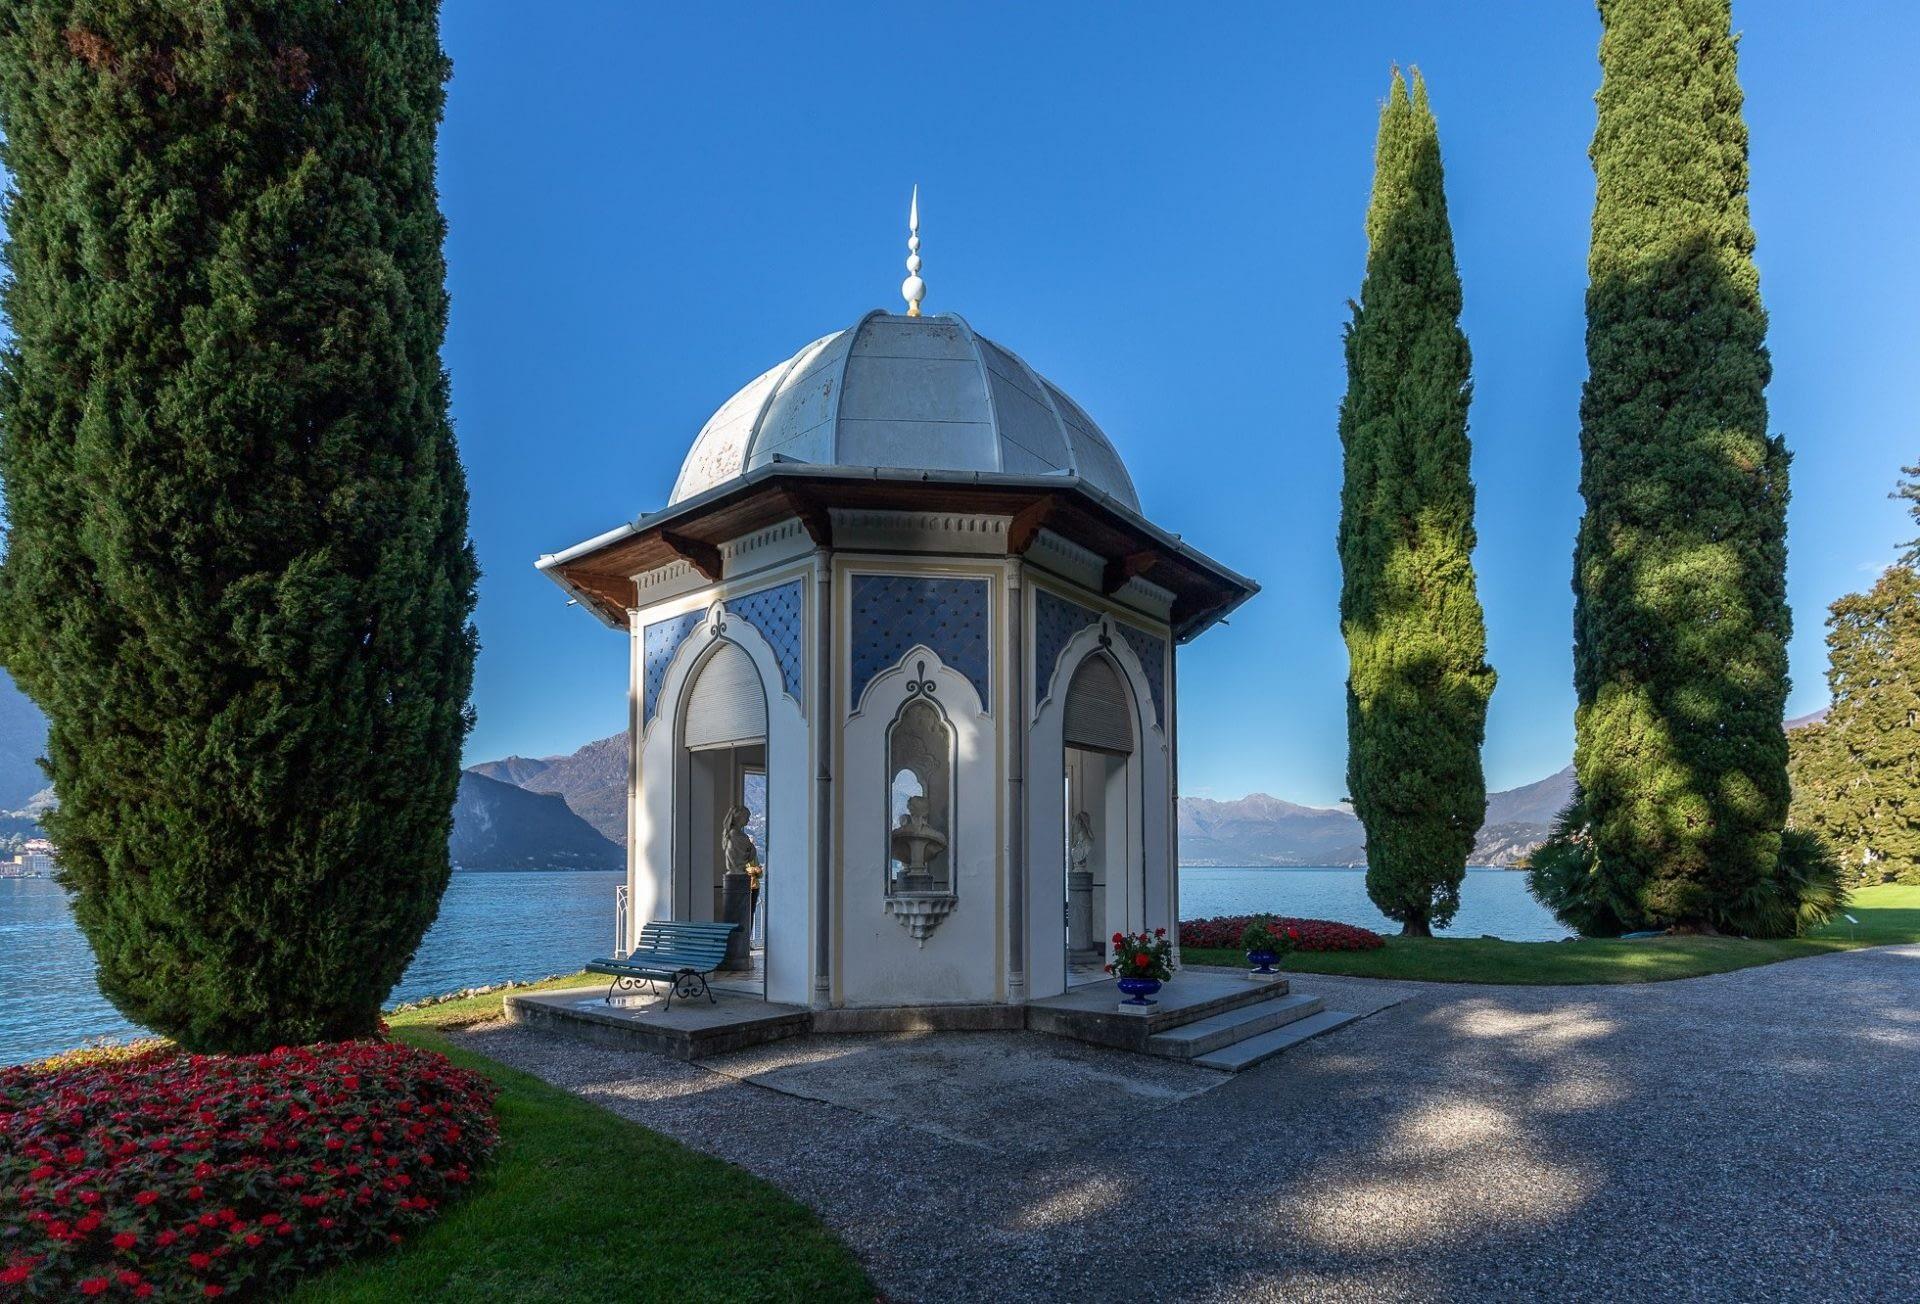 tempietto Villa Melzi